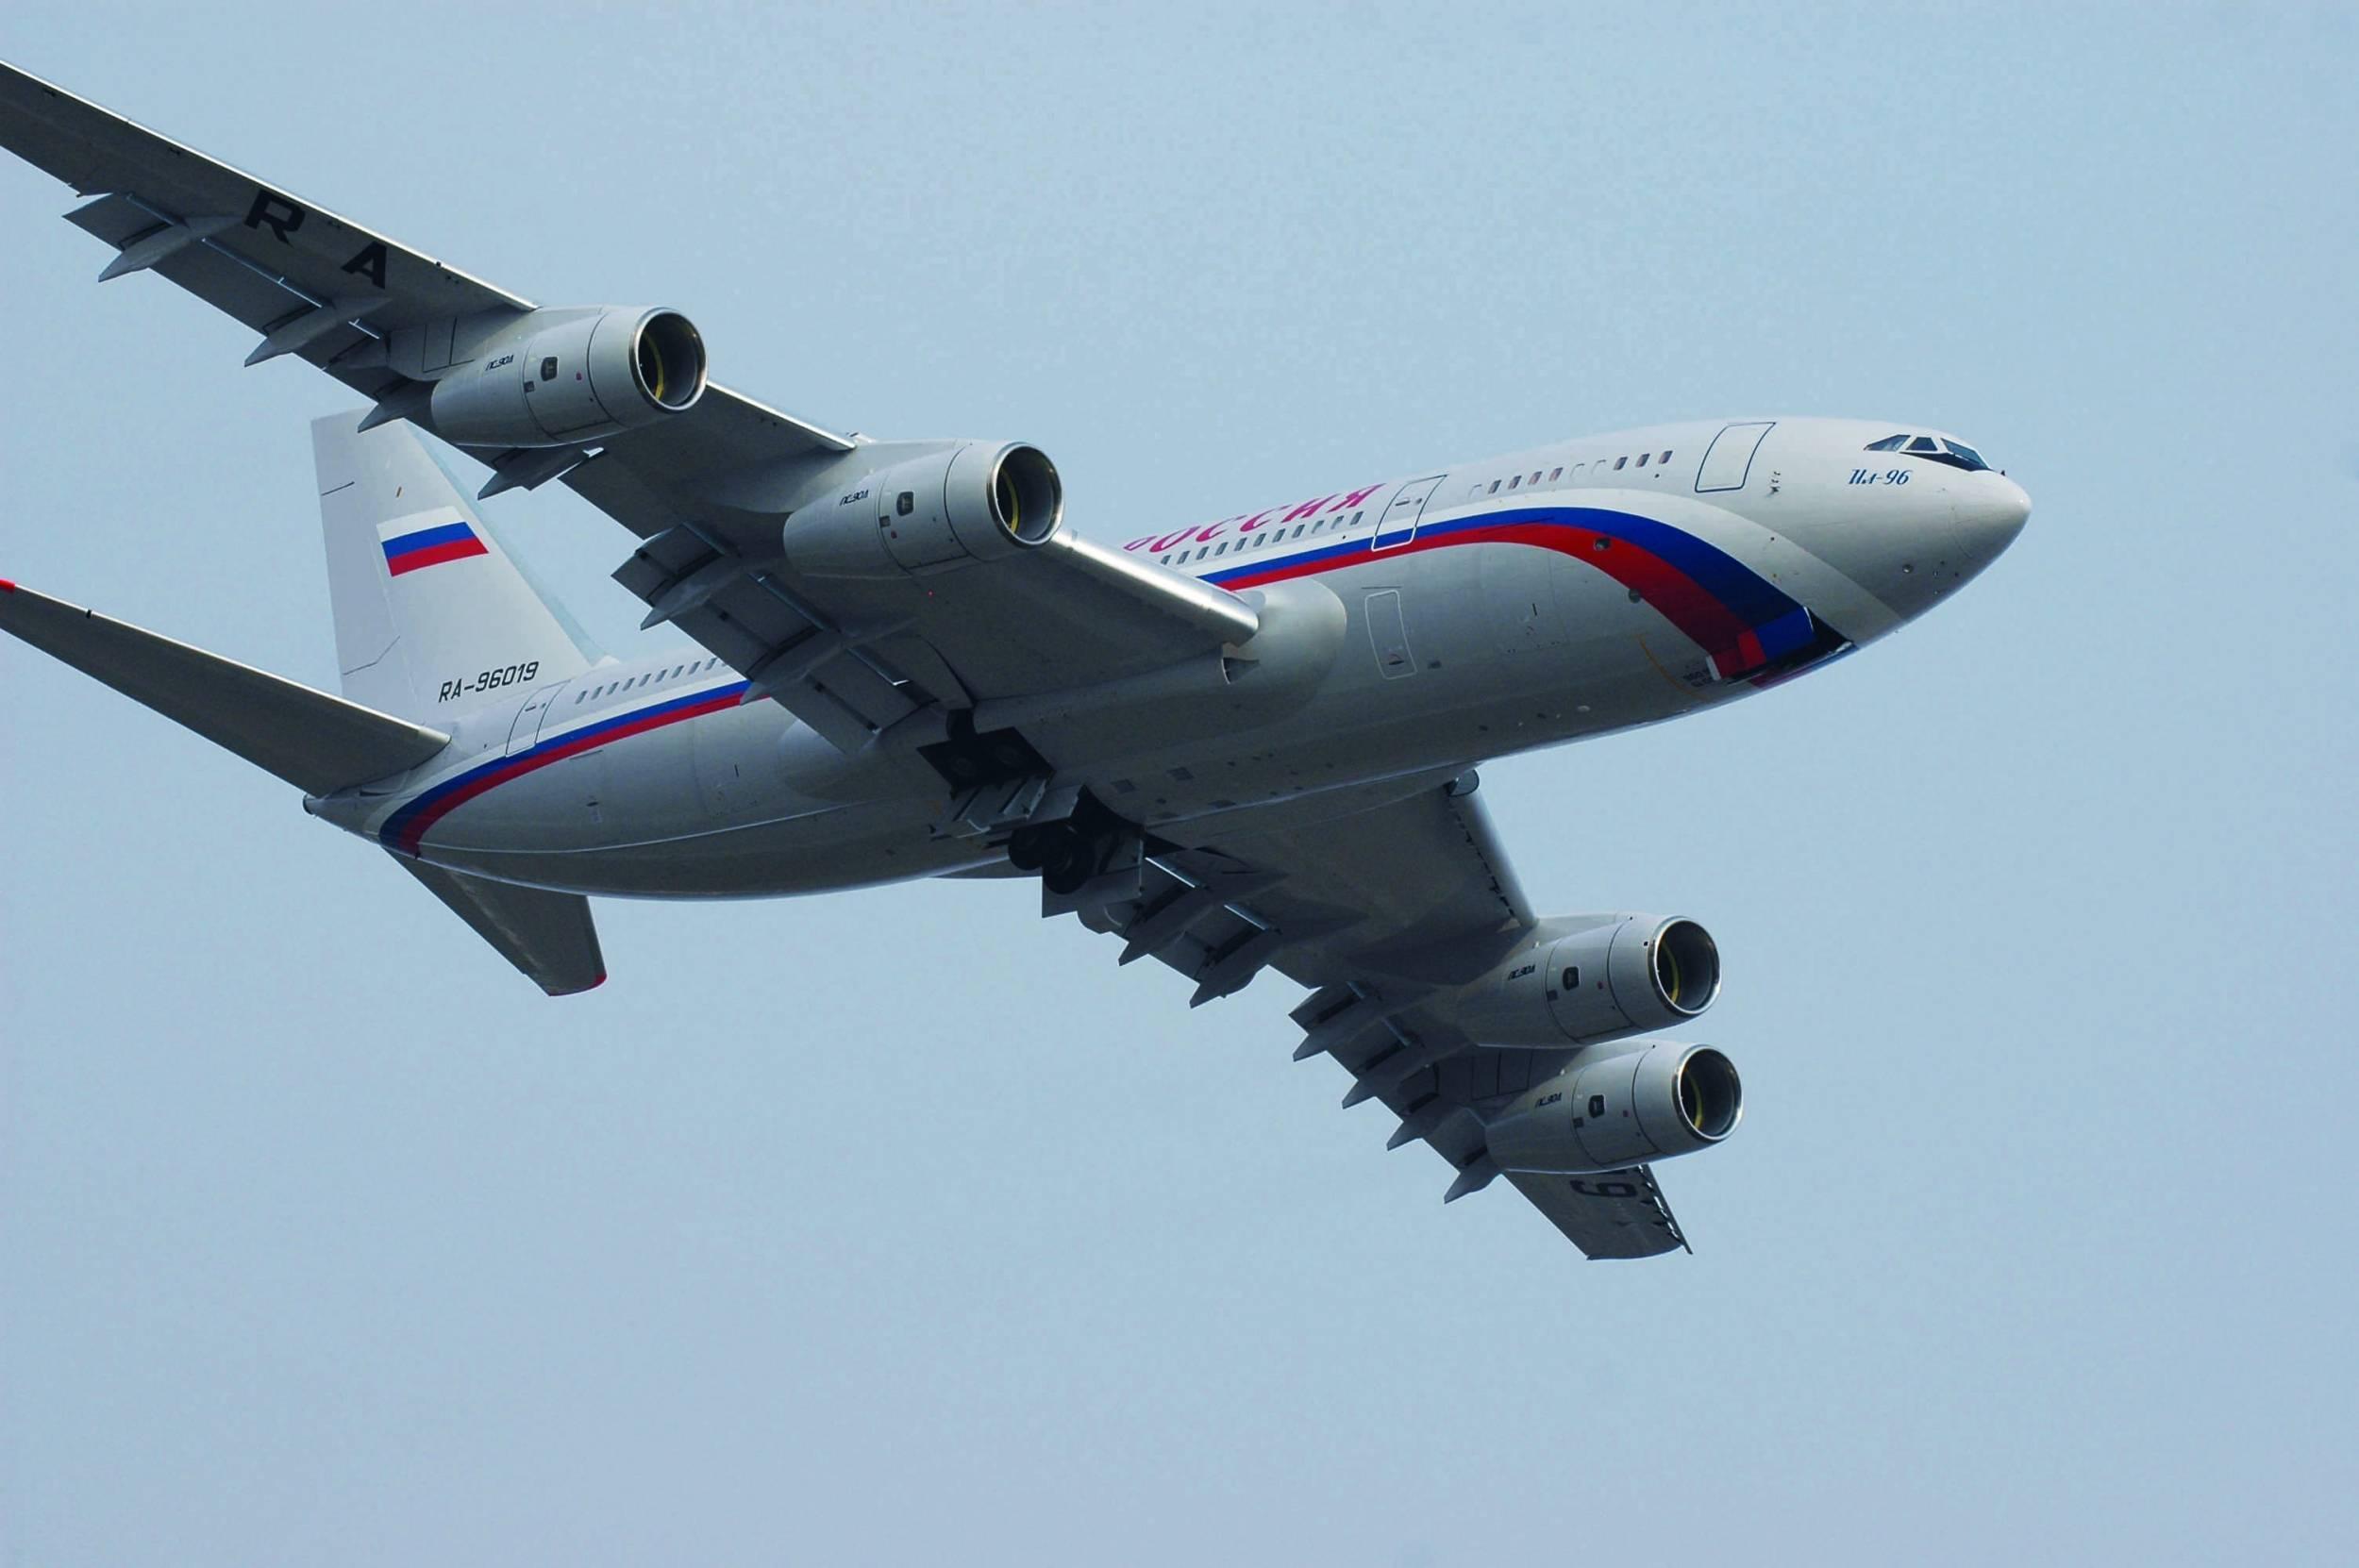 Ил-96 фото. видео. характеристики. двигатель. вес